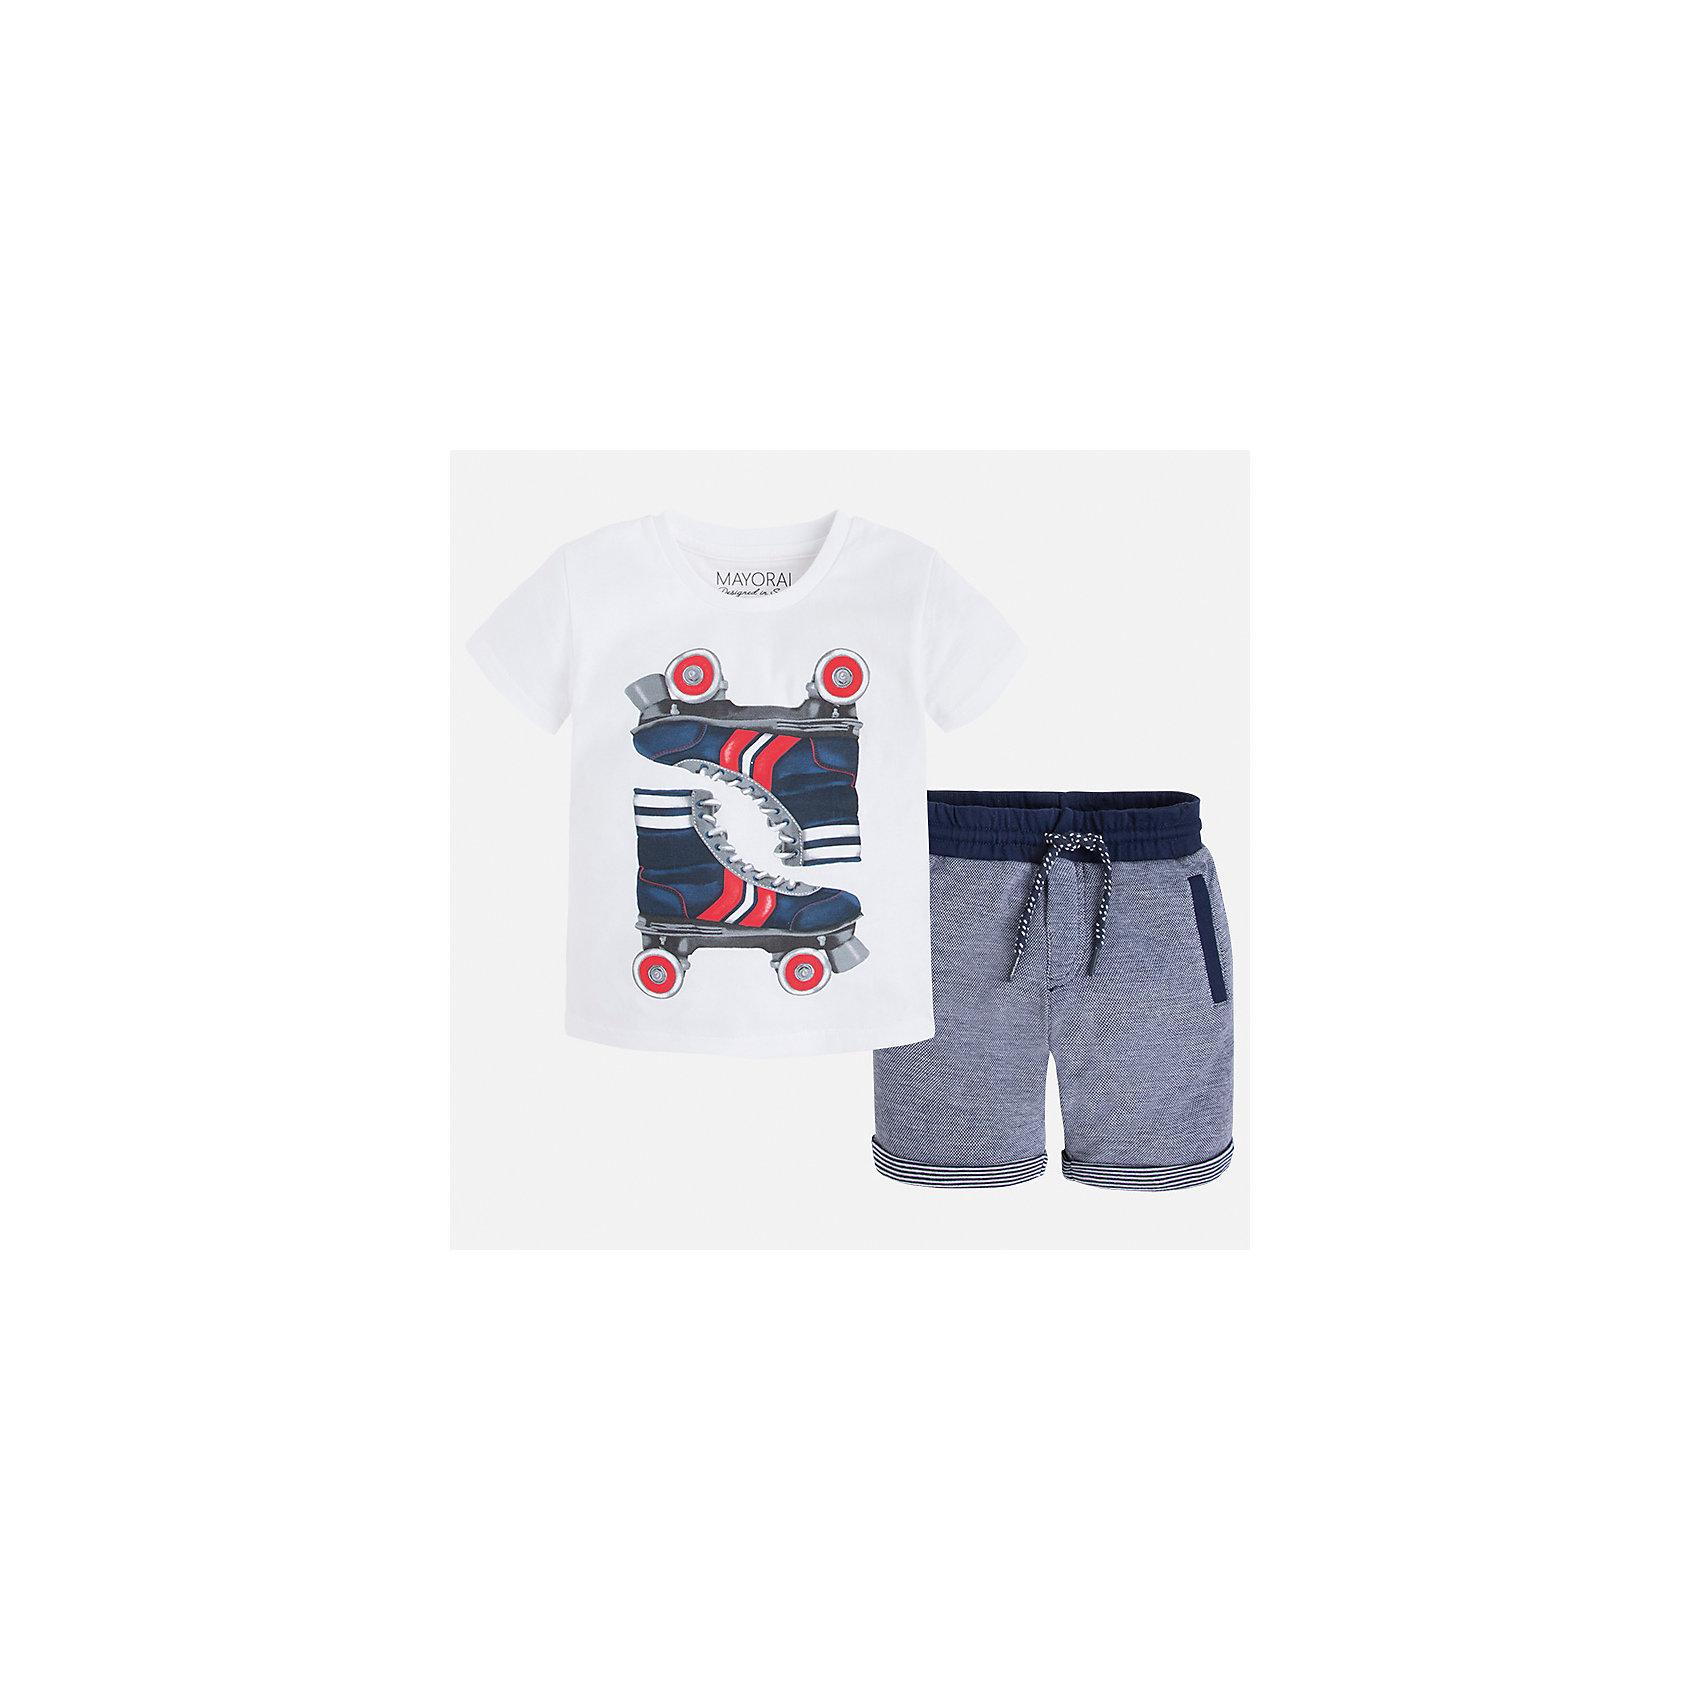 Комплект: бриджи и футболка для мальчика MayoralХарактеристики товара:<br><br>• цвет: белый/серый<br>• состав: футболка- 100% хлопок; шорты - 56% хлопок, 44% полиэстер<br>• комплектация: шорты, футболка<br>• круглый горловой вырез<br>• декорирована принтом<br>• короткие рукава<br>• шорты - пояс со шнурком<br>• страна бренда: Испания<br><br>Стильная удобная футболка с принтом и шорты помогут разнообразить гардероб мальчика и удобно одеться. Универсальный цвет позволяет подобрать к вещам верхнюю одежду практически любой расцветки. Интересная отделка модели делает её нарядной и оригинальной. В составе материала - только натуральный хлопок, гипоаллергенный, приятный на ощупь, дышащий.<br><br>Одежда, обувь и аксессуары от испанского бренда Mayoral полюбились детям и взрослым по всему миру. Модели этой марки - стильные и удобные. Для их производства используются только безопасные, качественные материалы и фурнитура. Порадуйте ребенка модными и красивыми вещами от Mayoral! <br><br>Комплект для мальчика от испанского бренда Mayoral (Майорал) можно купить в нашем интернет-магазине.<br><br>Ширина мм: 191<br>Глубина мм: 10<br>Высота мм: 175<br>Вес г: 273<br>Цвет: белый<br>Возраст от месяцев: 18<br>Возраст до месяцев: 24<br>Пол: Мужской<br>Возраст: Детский<br>Размер: 92,128,110,98,134,122,116,104<br>SKU: 5280928